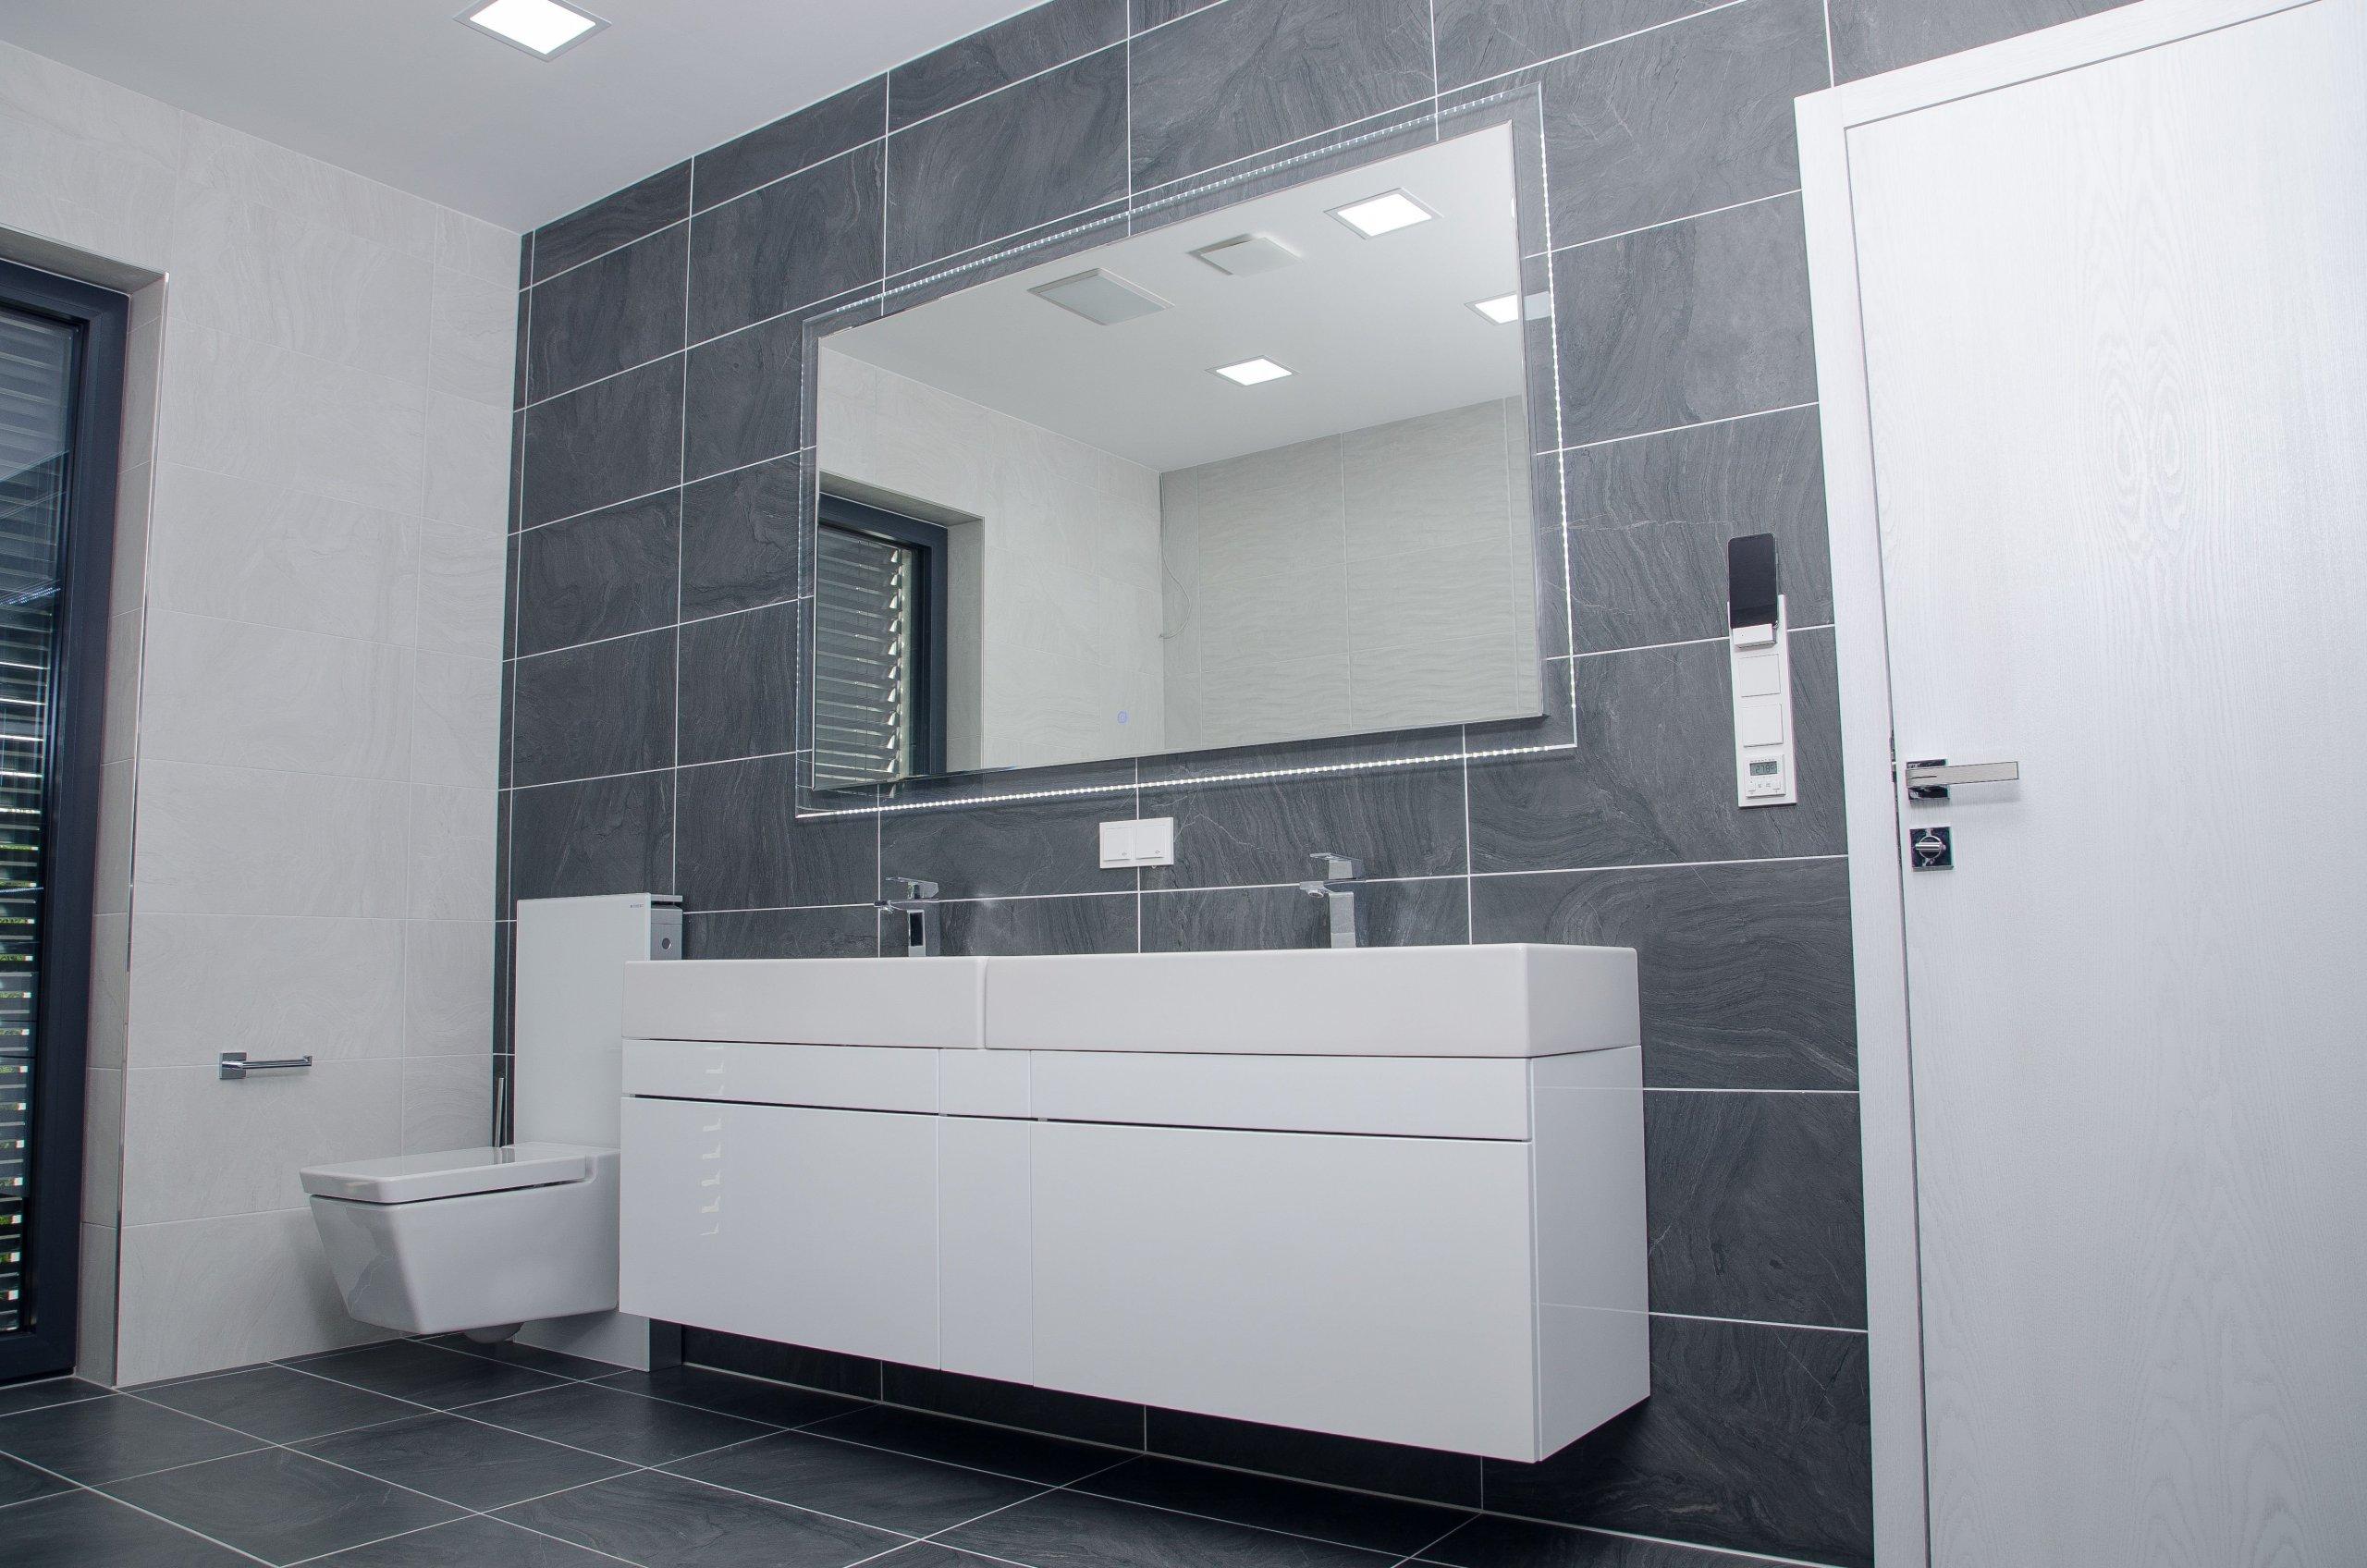 """I koupelna se může stát nejoblíbenější místností v domě, stačí jen vystoupit ze stereotypů nabídek obchodů a nechat si jí vyrobit přímo """"na tělo"""".…"""